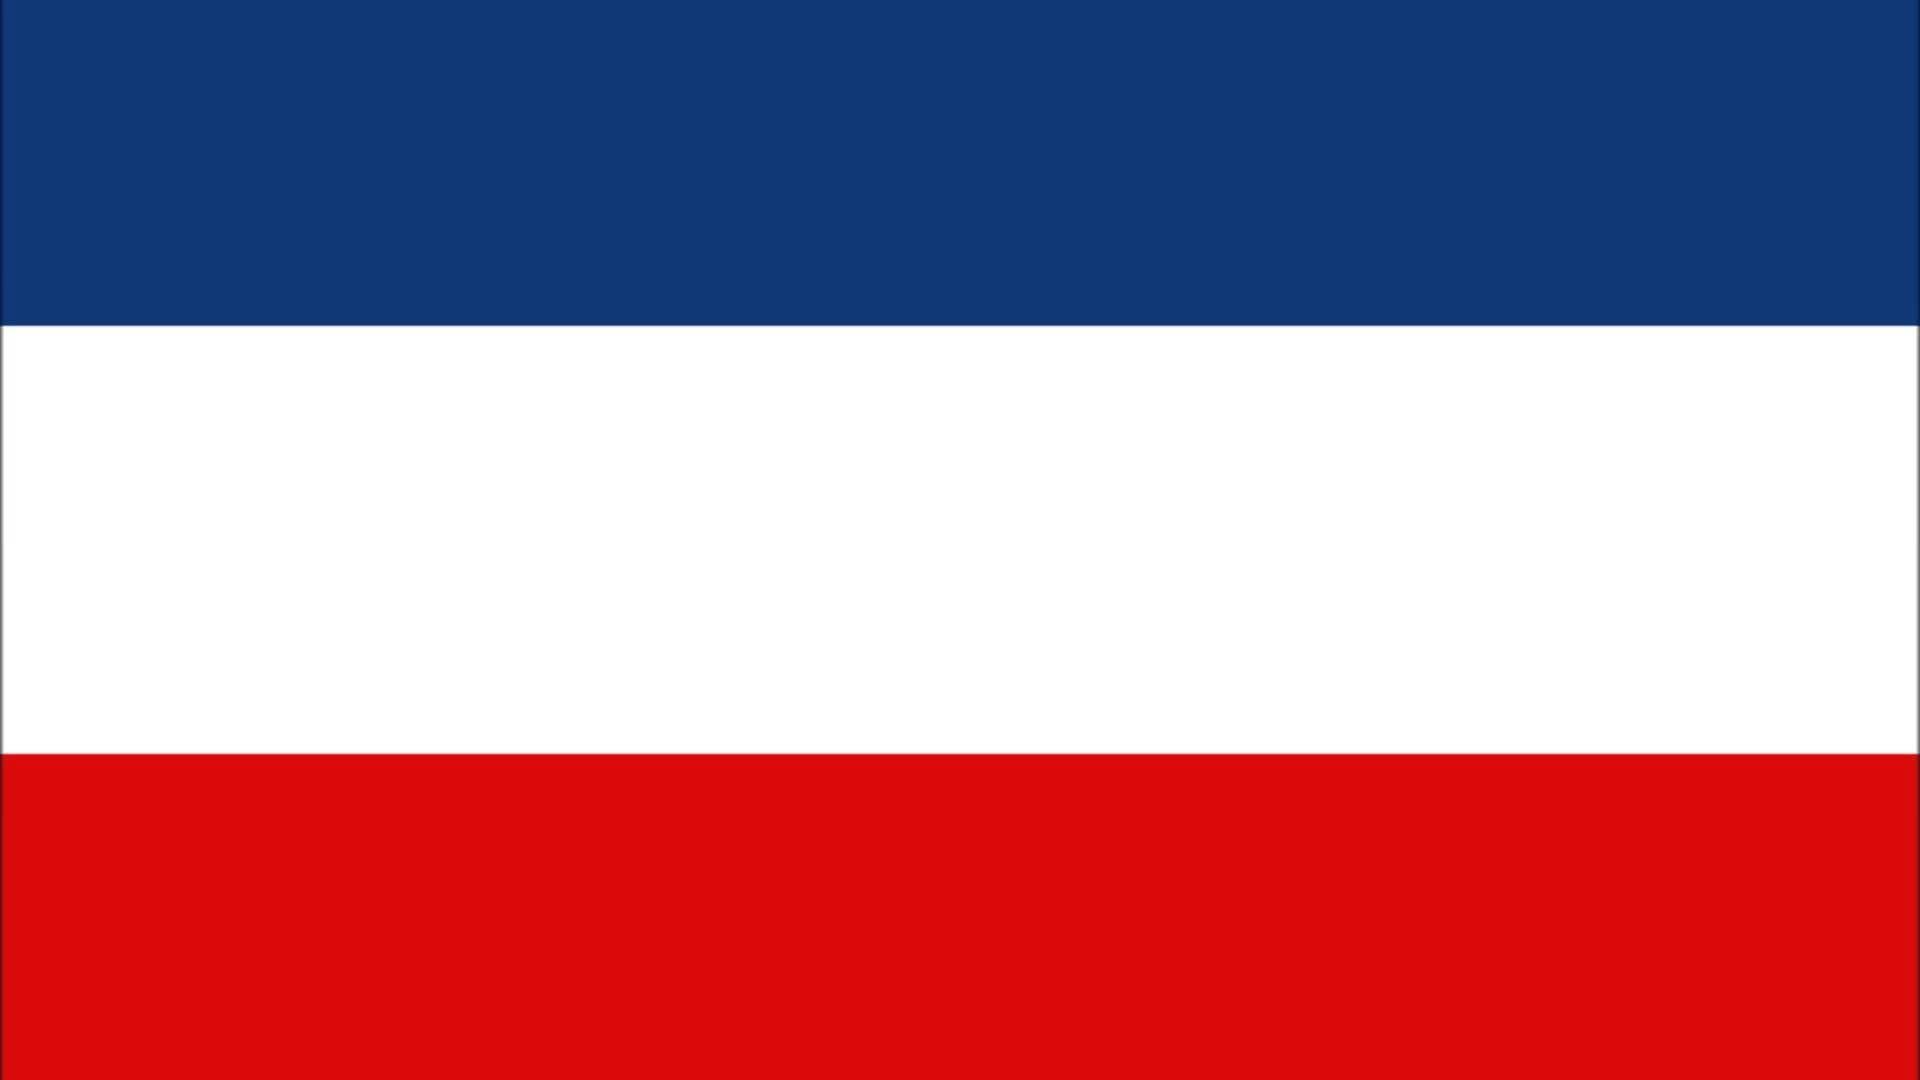 ¿Por qué atribuyen a Serbia la creación de